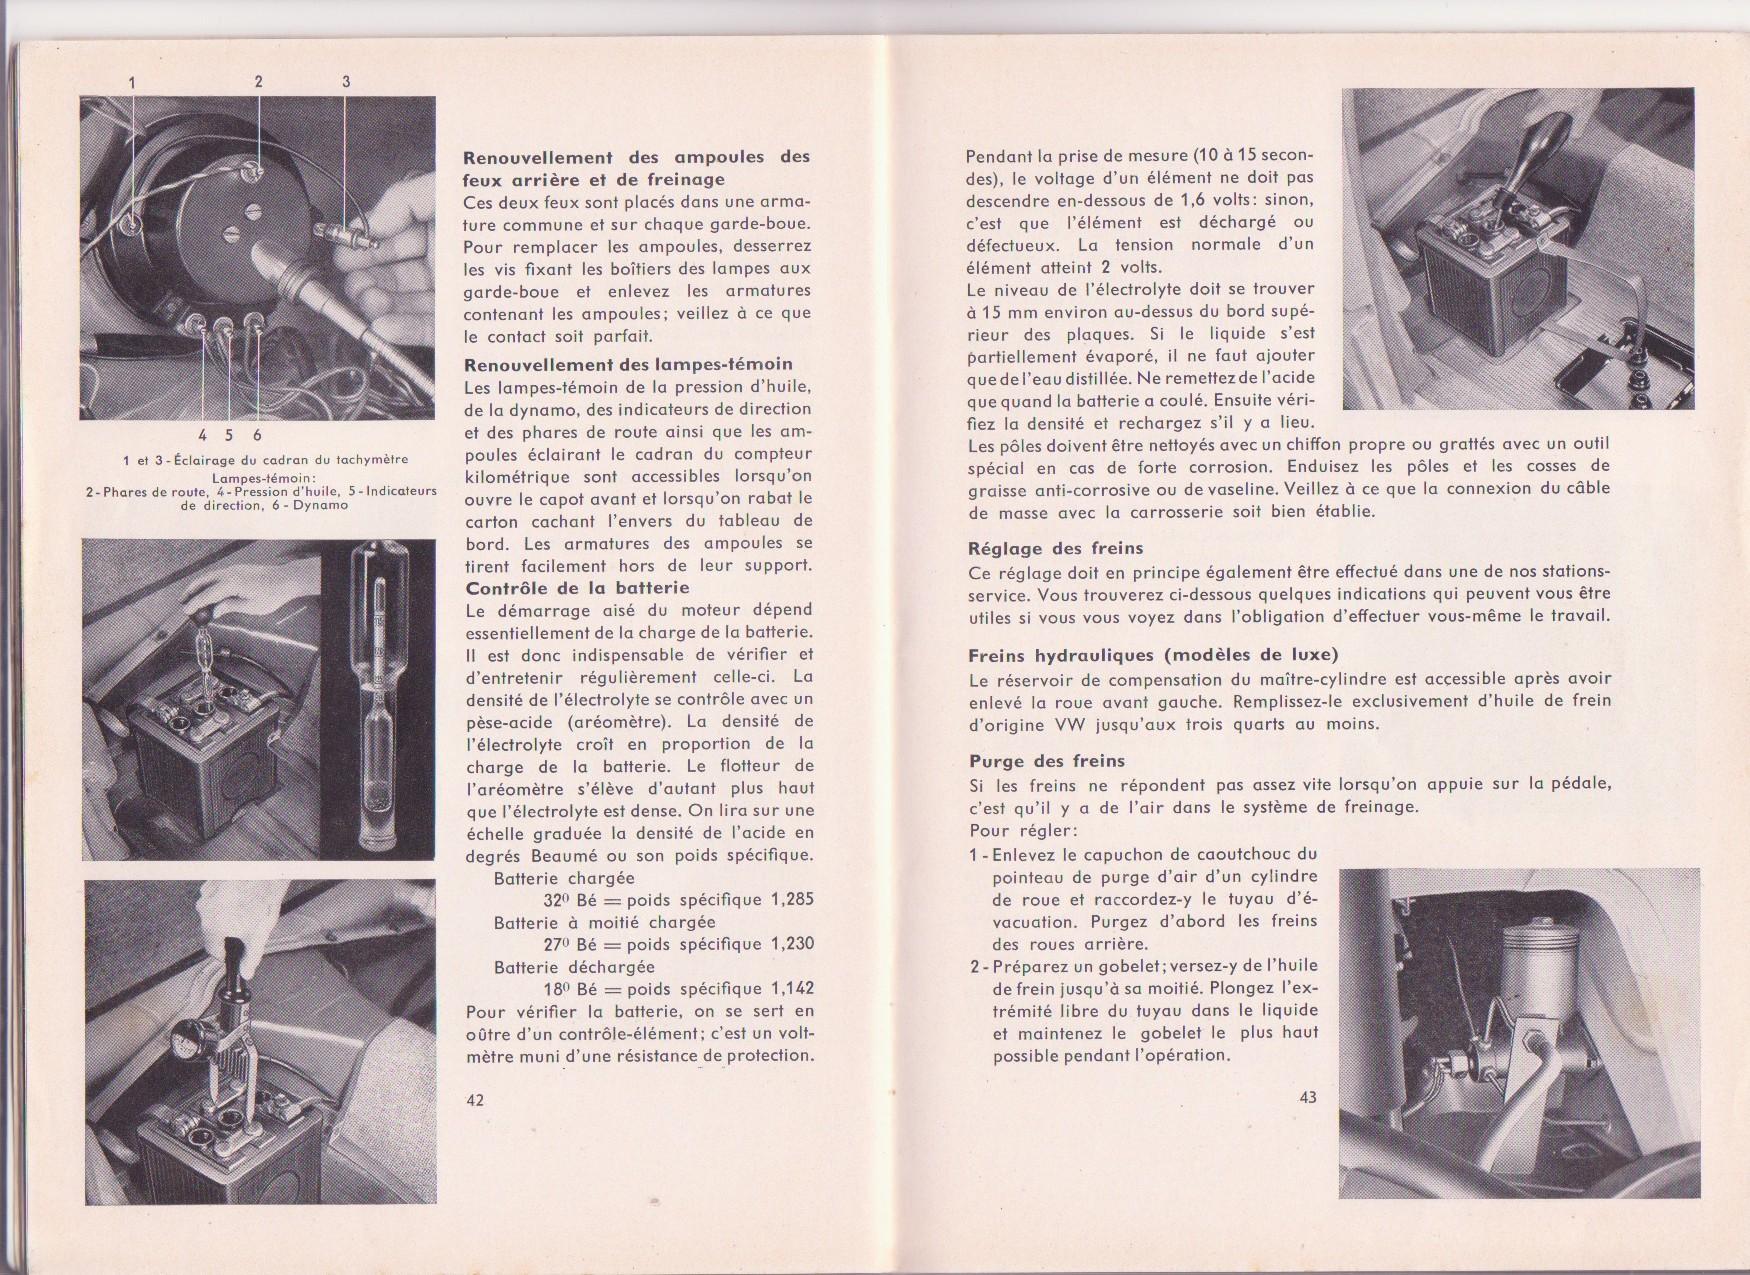 1999 vw beetle owners manual pdf